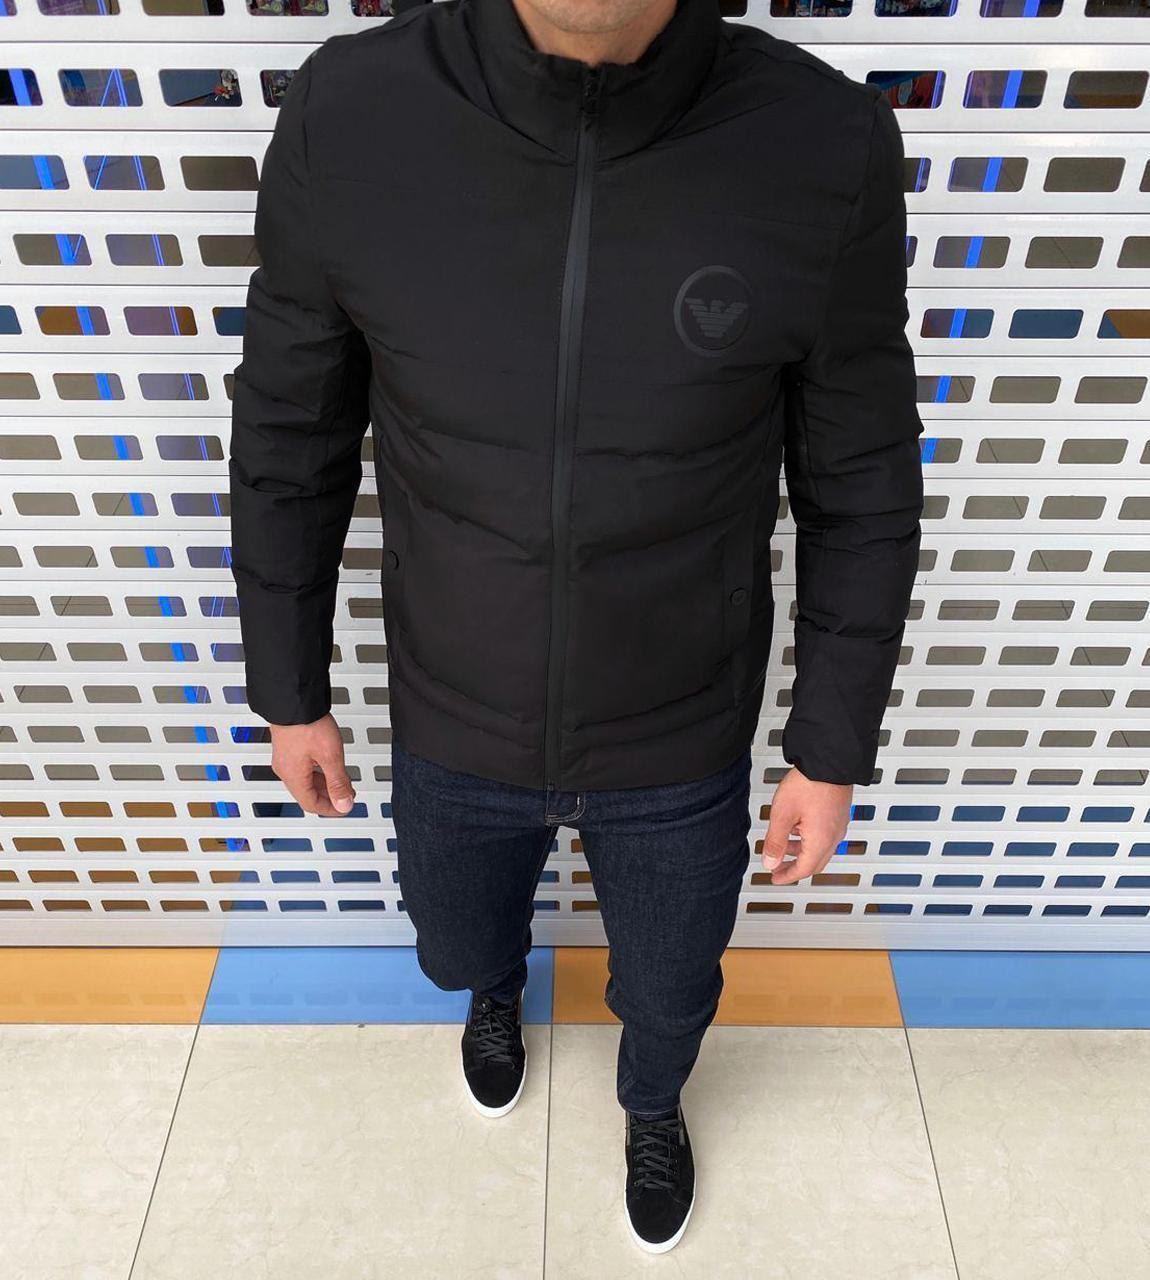 Комфортная мужская куртка в наличии! Евро-зима. ЛЮКСОВАЯ МОДЕЛЬ! Водоотталкивающее поверхность.